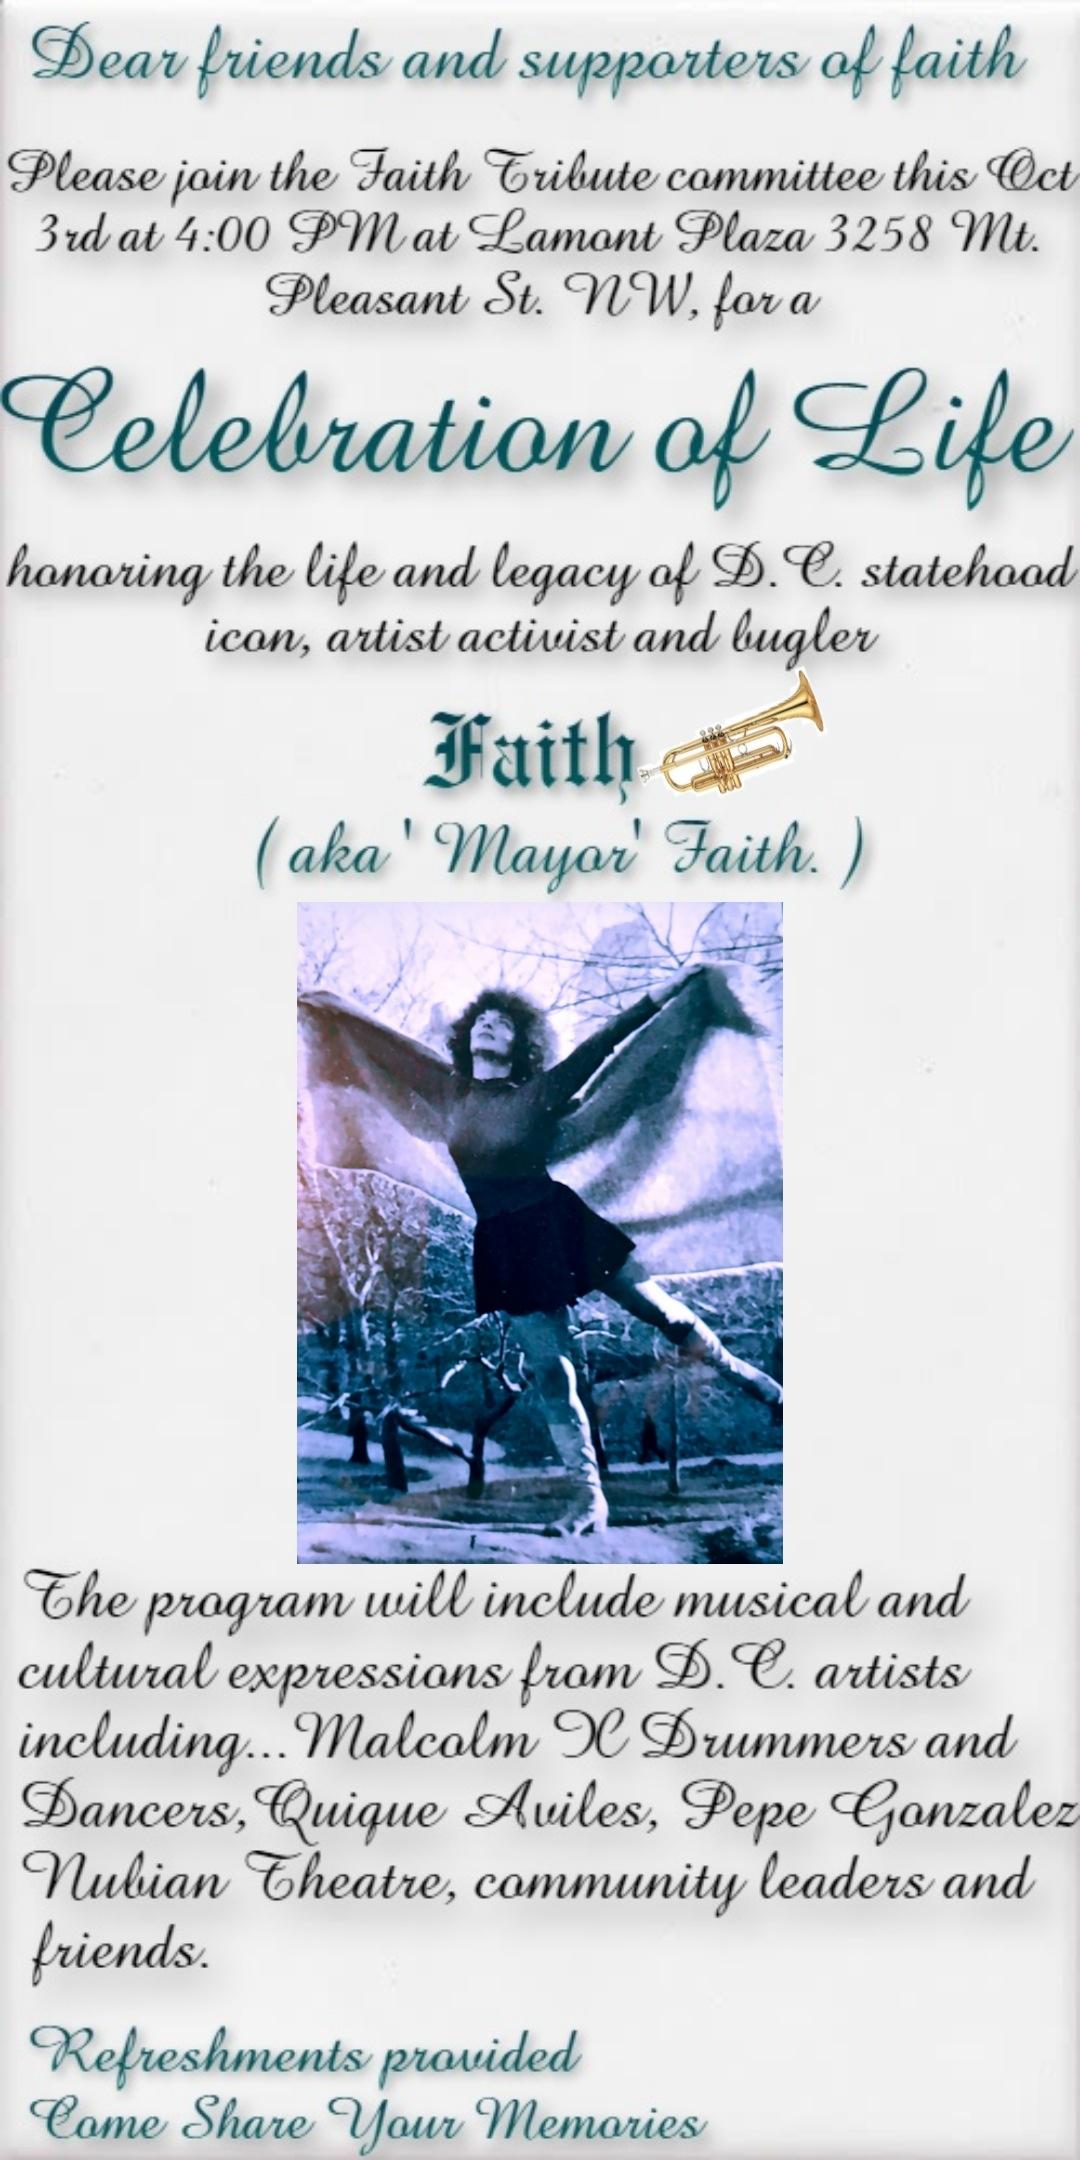 ICelebration of Life & Legacy: Faith Dane